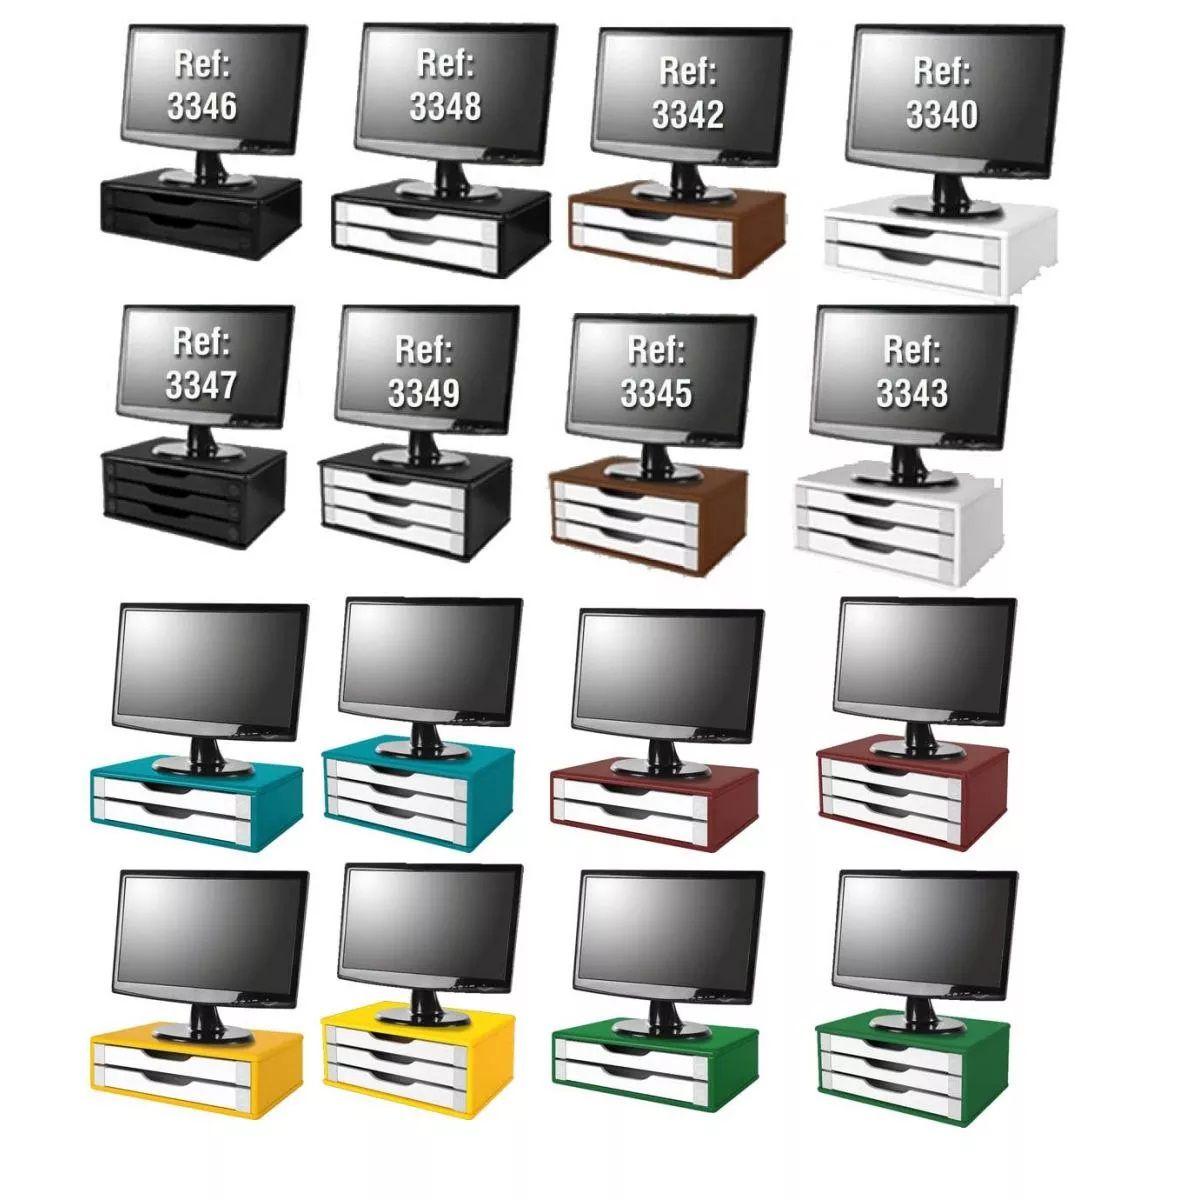 Conj com 4 Suportes Para Monitor em MDF BLACK Piano com 2 Gavetas Brancas Souza Referência 3348